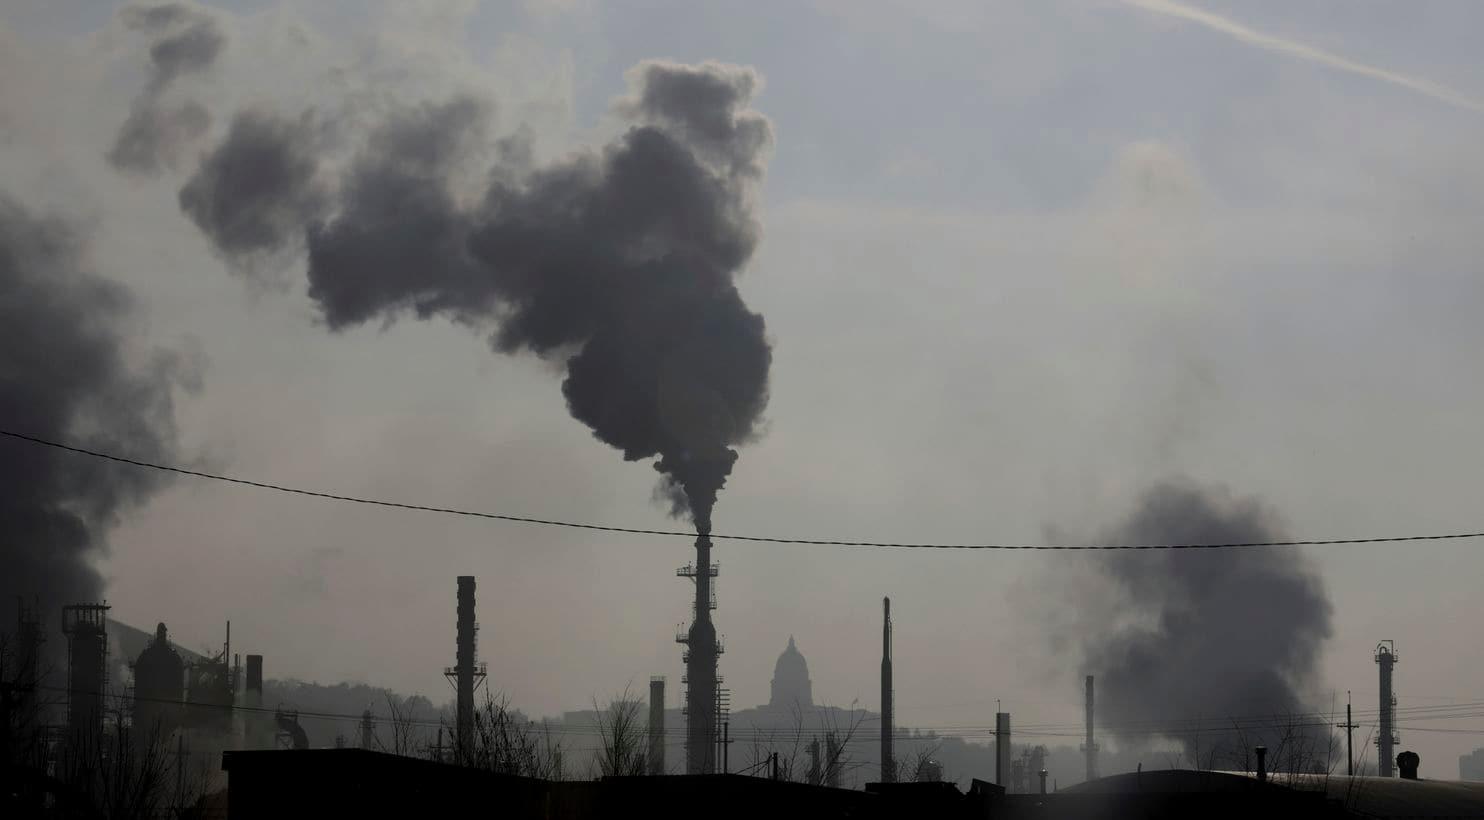 Дымовые трубы возле нефтеперерабатывающего завода видны перед Капитолием штата Юта 10 декабря 2018 года. Новое исследование, опубликованное 11 марта, говорит, что афроамериканцы и латиноамериканцы вдыхают гораздо больше смертельно загрязненного воздуха, чем они несут за это ответственность. (Рик Баумер / AP)